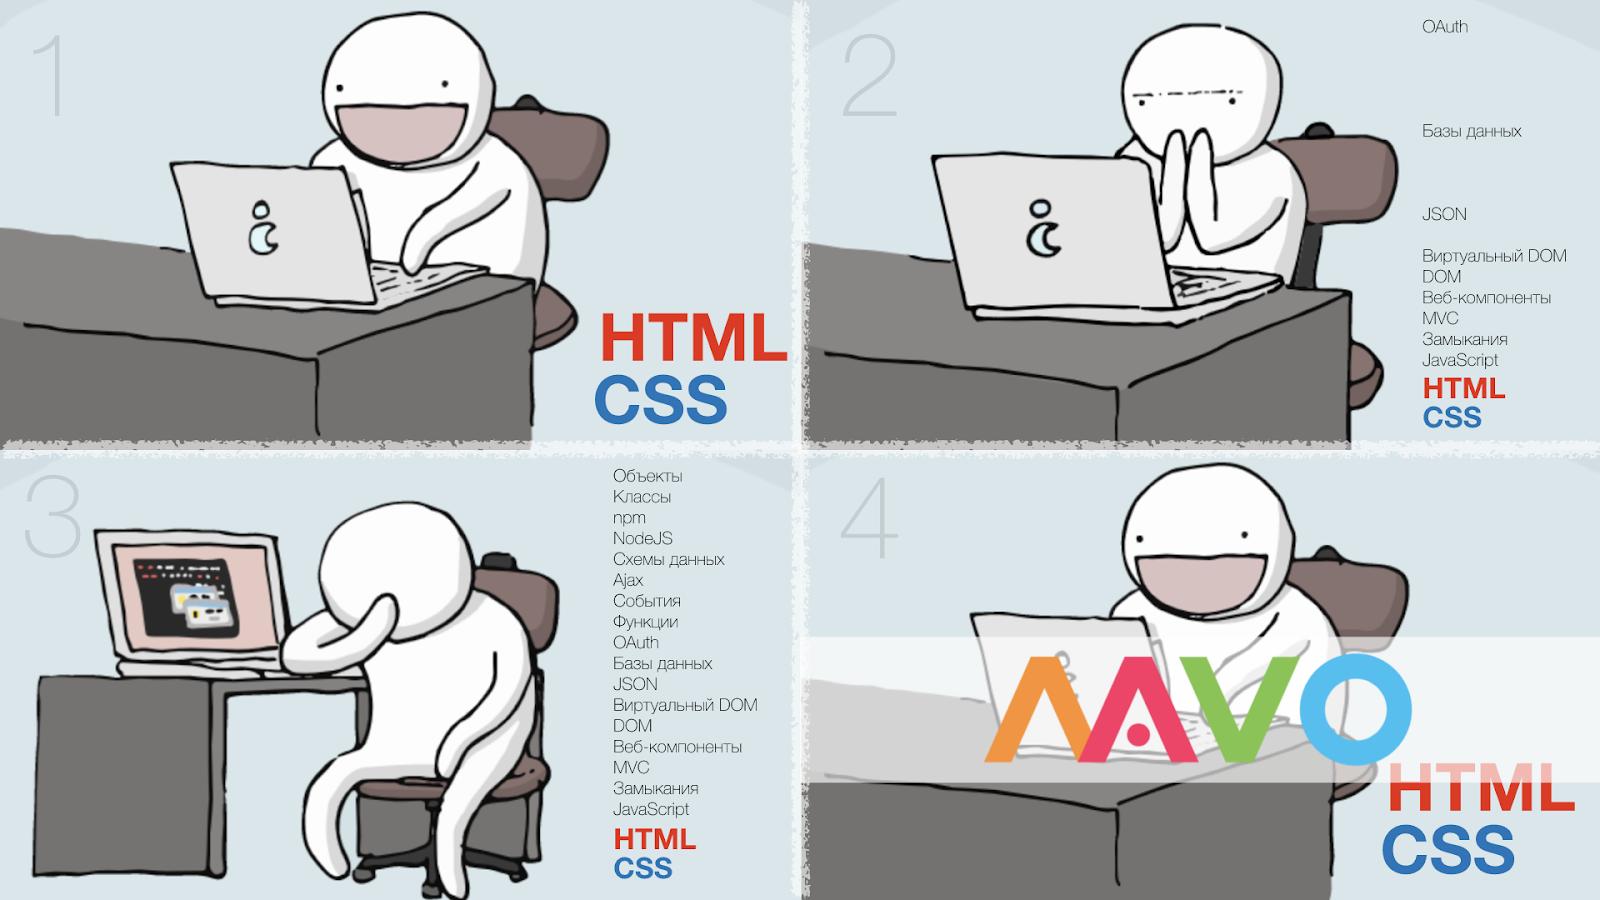 Интерактивное веб-приложение без программирования? Легко! Mavo вам в руки - 1